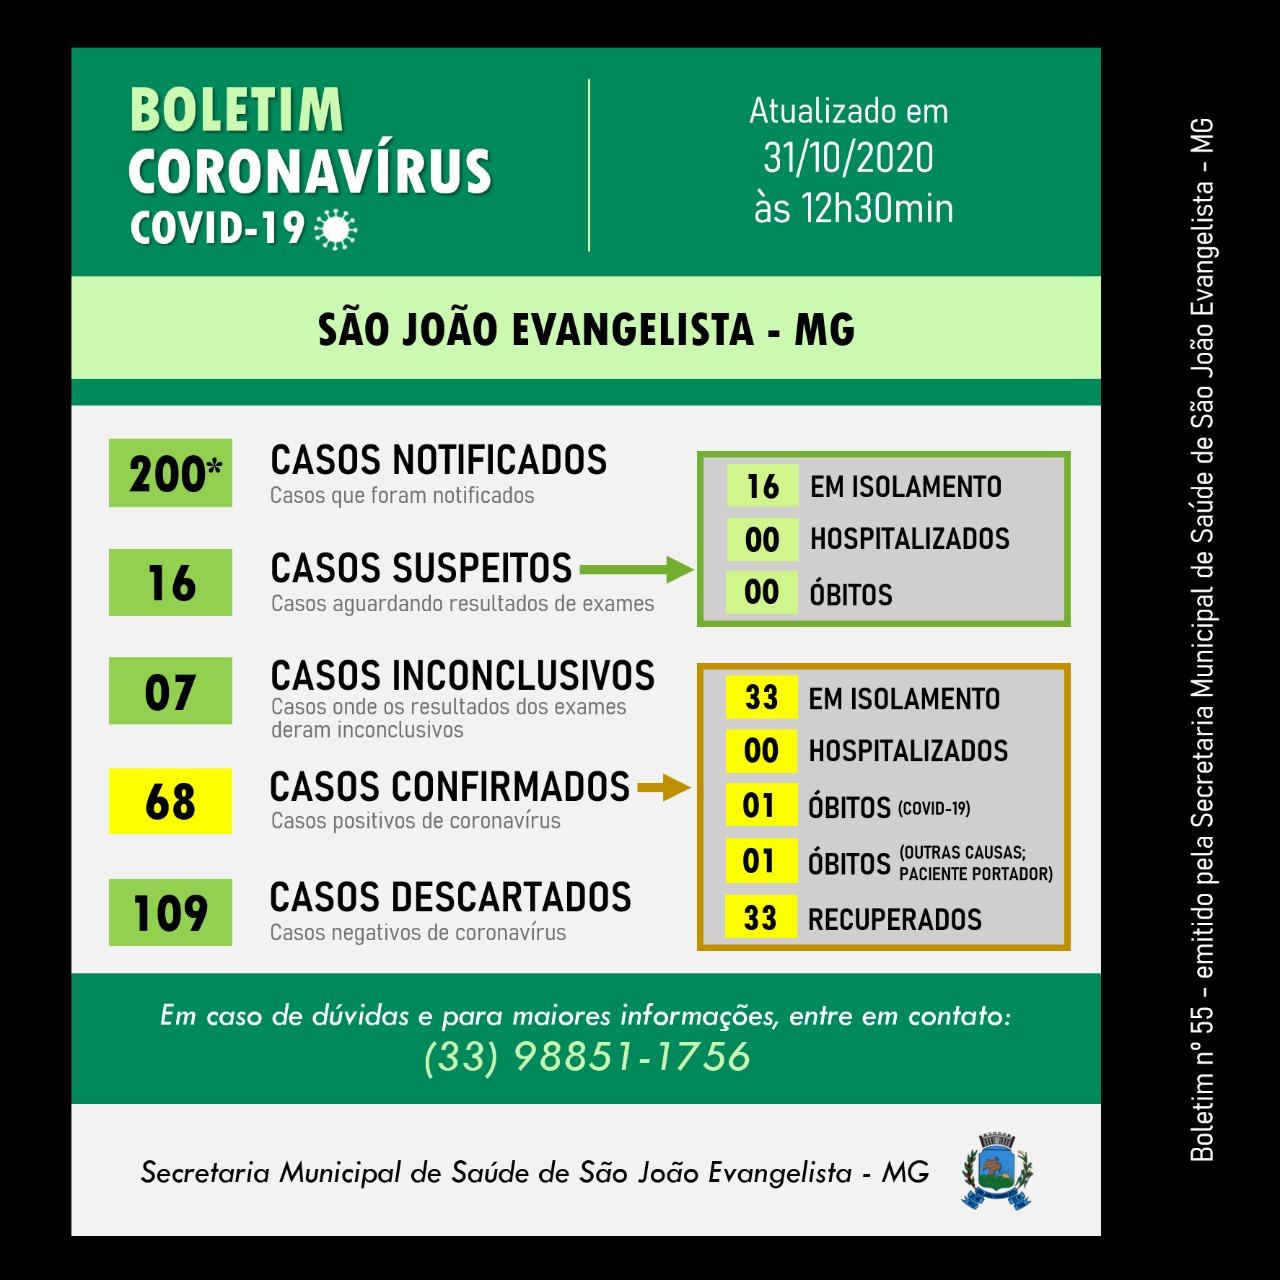 BOLETIM OFICIAL CORONAVÍRUS 31 DE OUTUBRO DE 2020